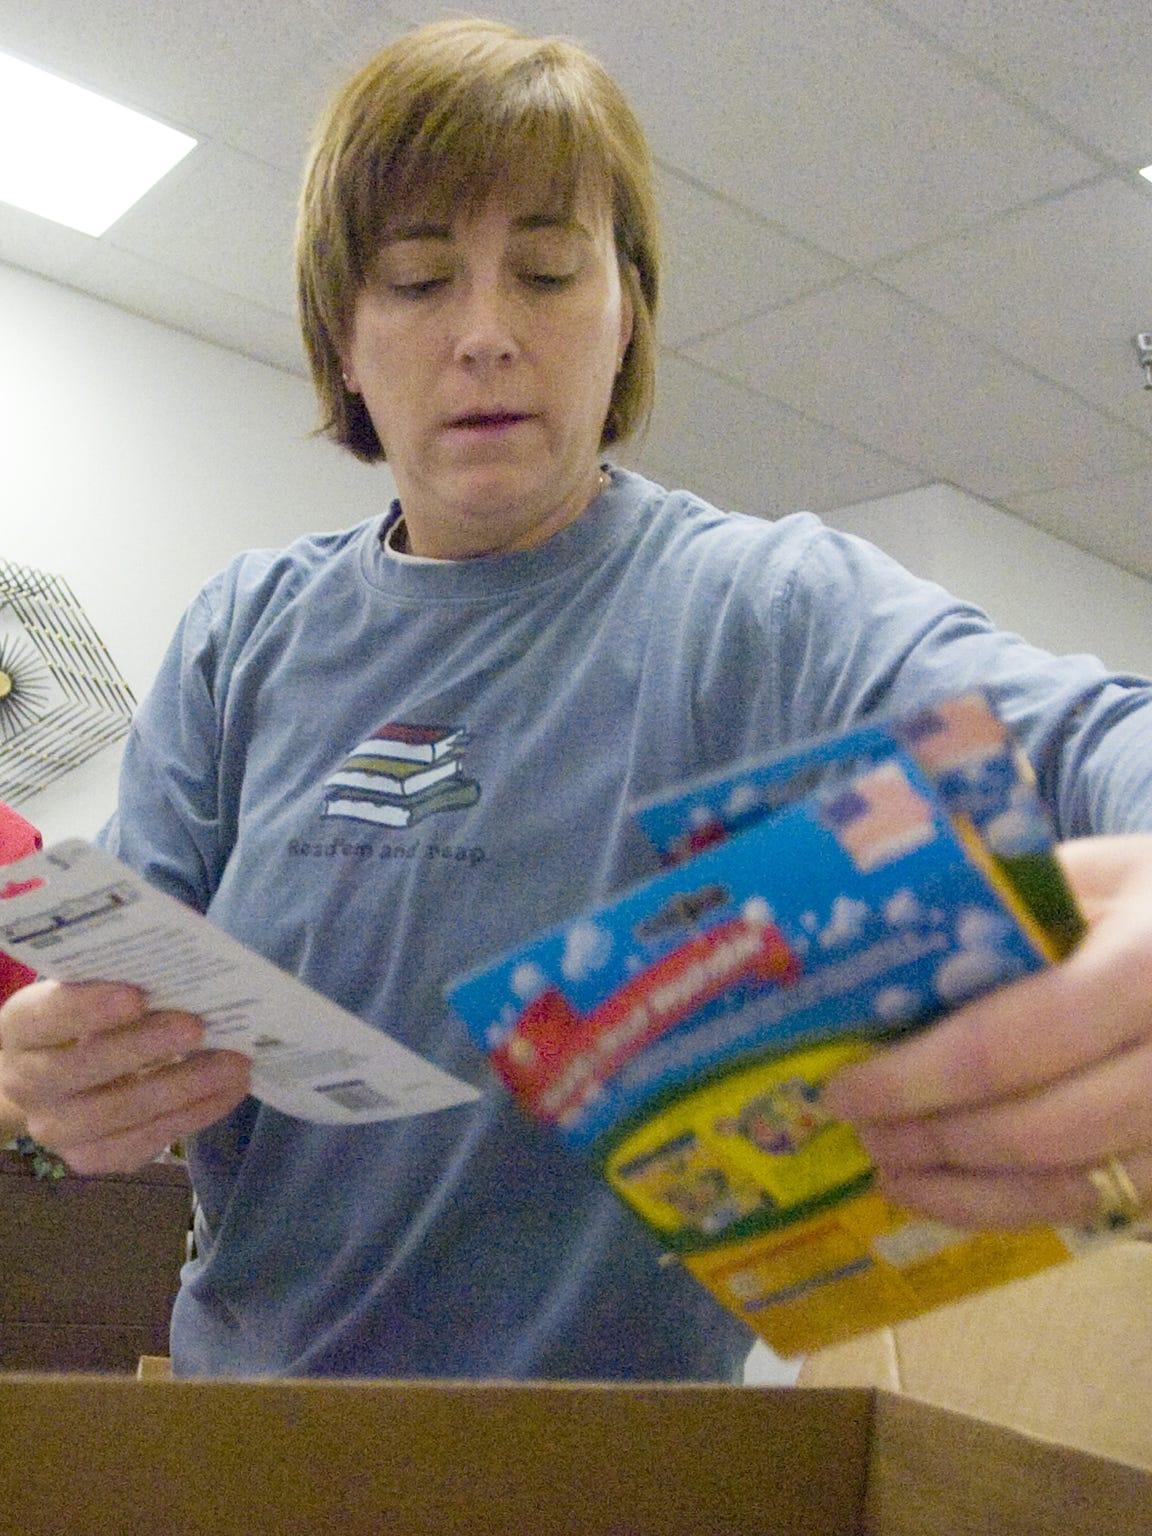 Jelisa Wolfe of Staunton City Schools packages school supplies.